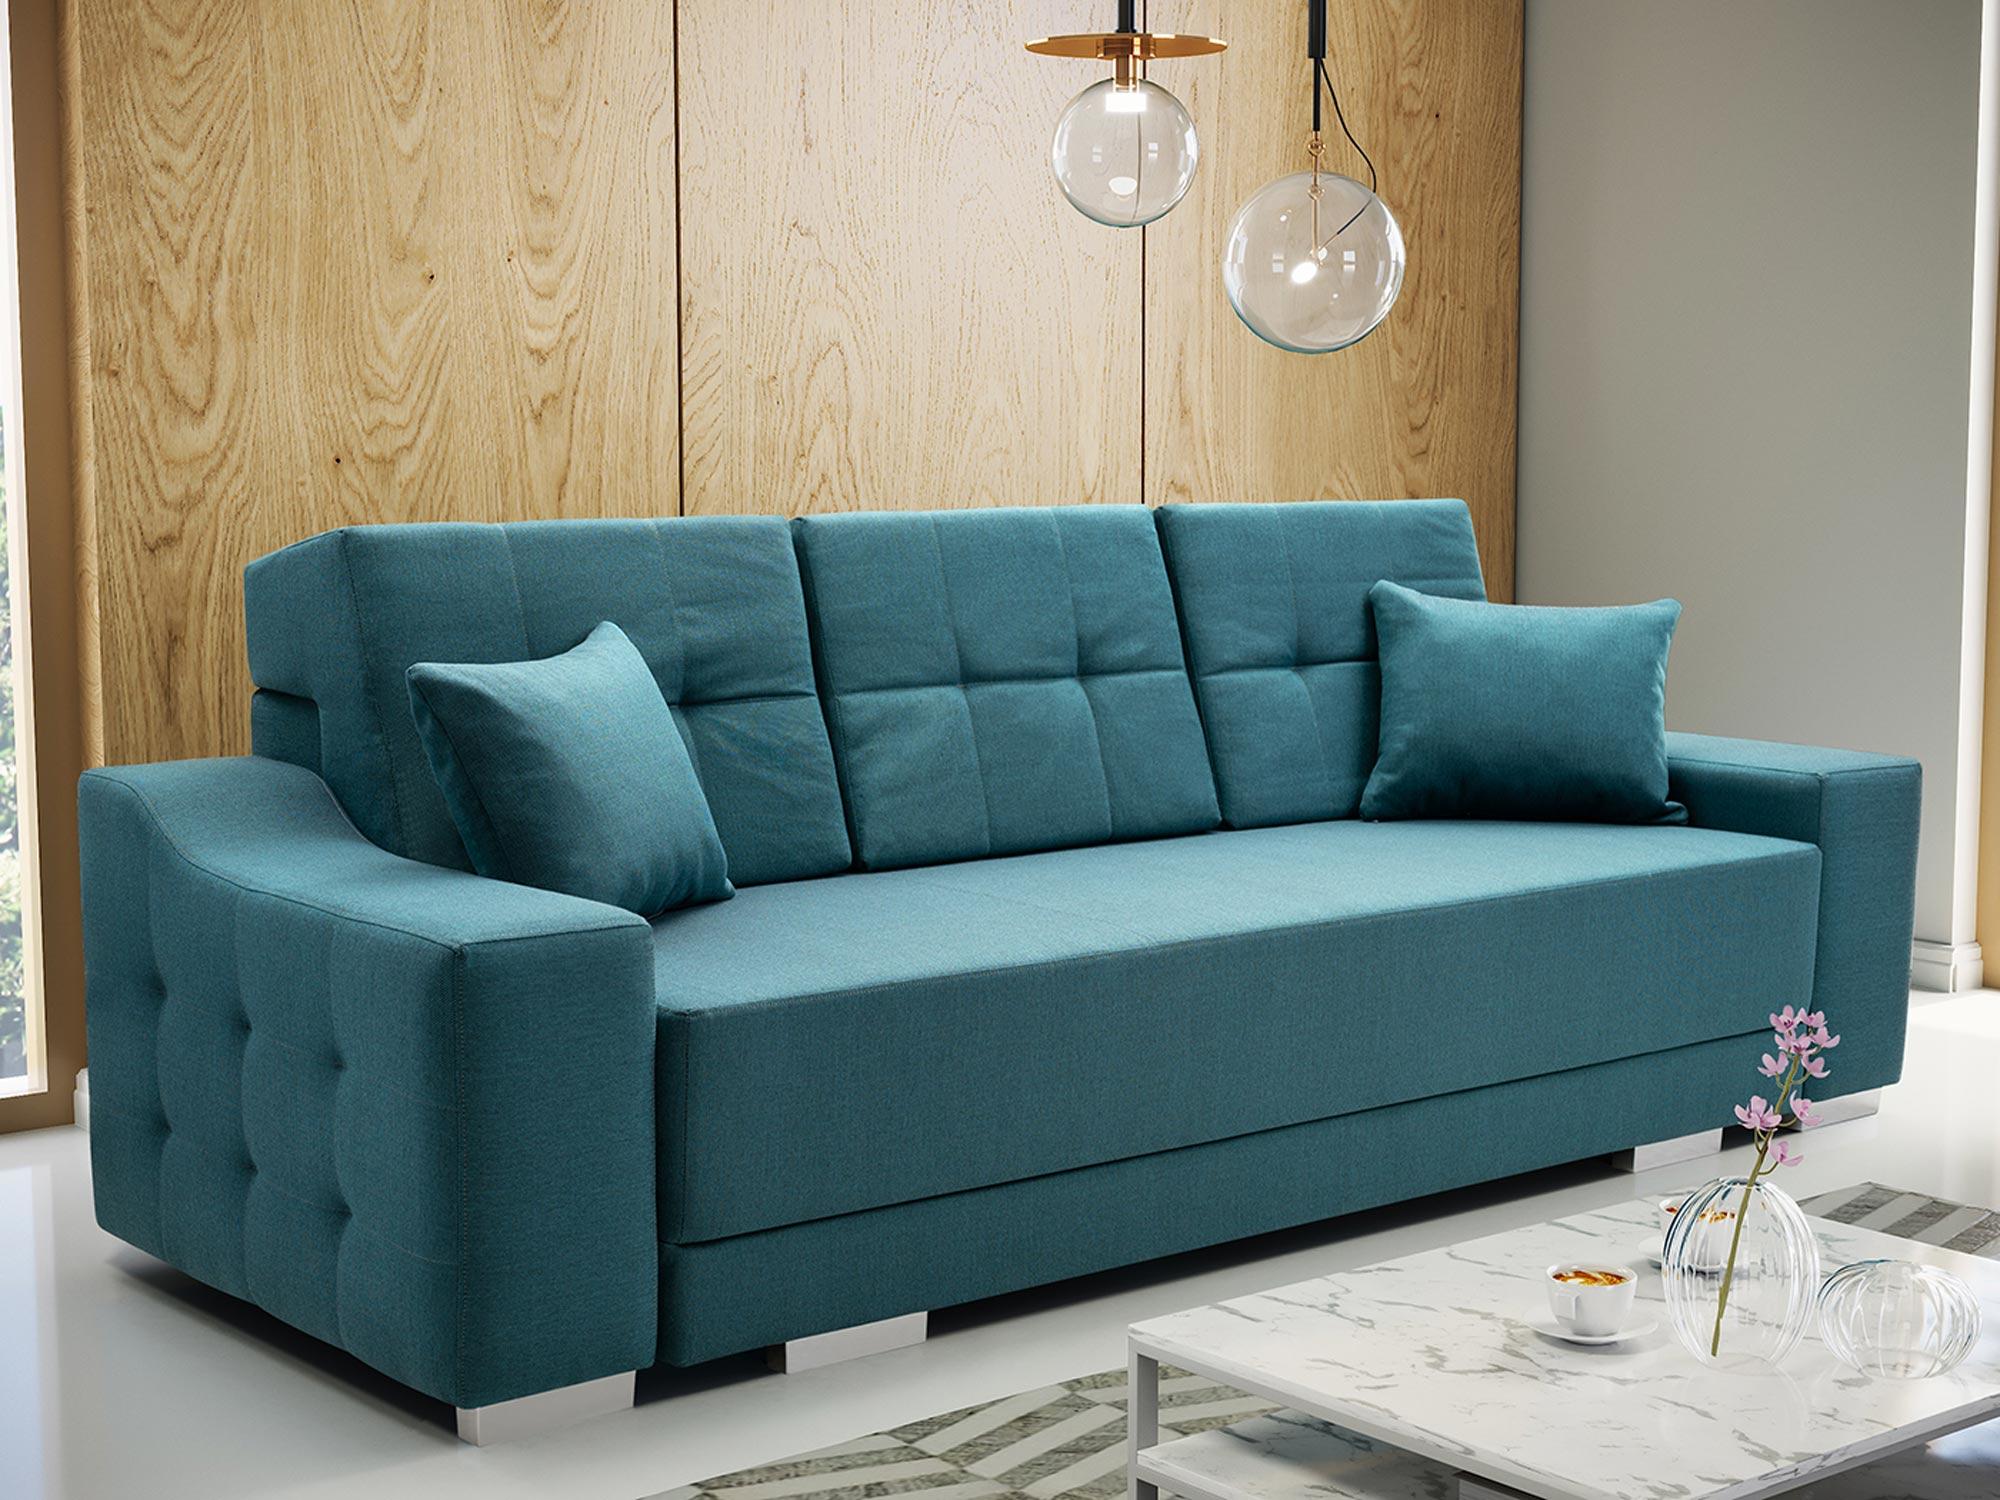 Sofa 2 Osobowa z Funkcją Spania PALMAS aranżacja